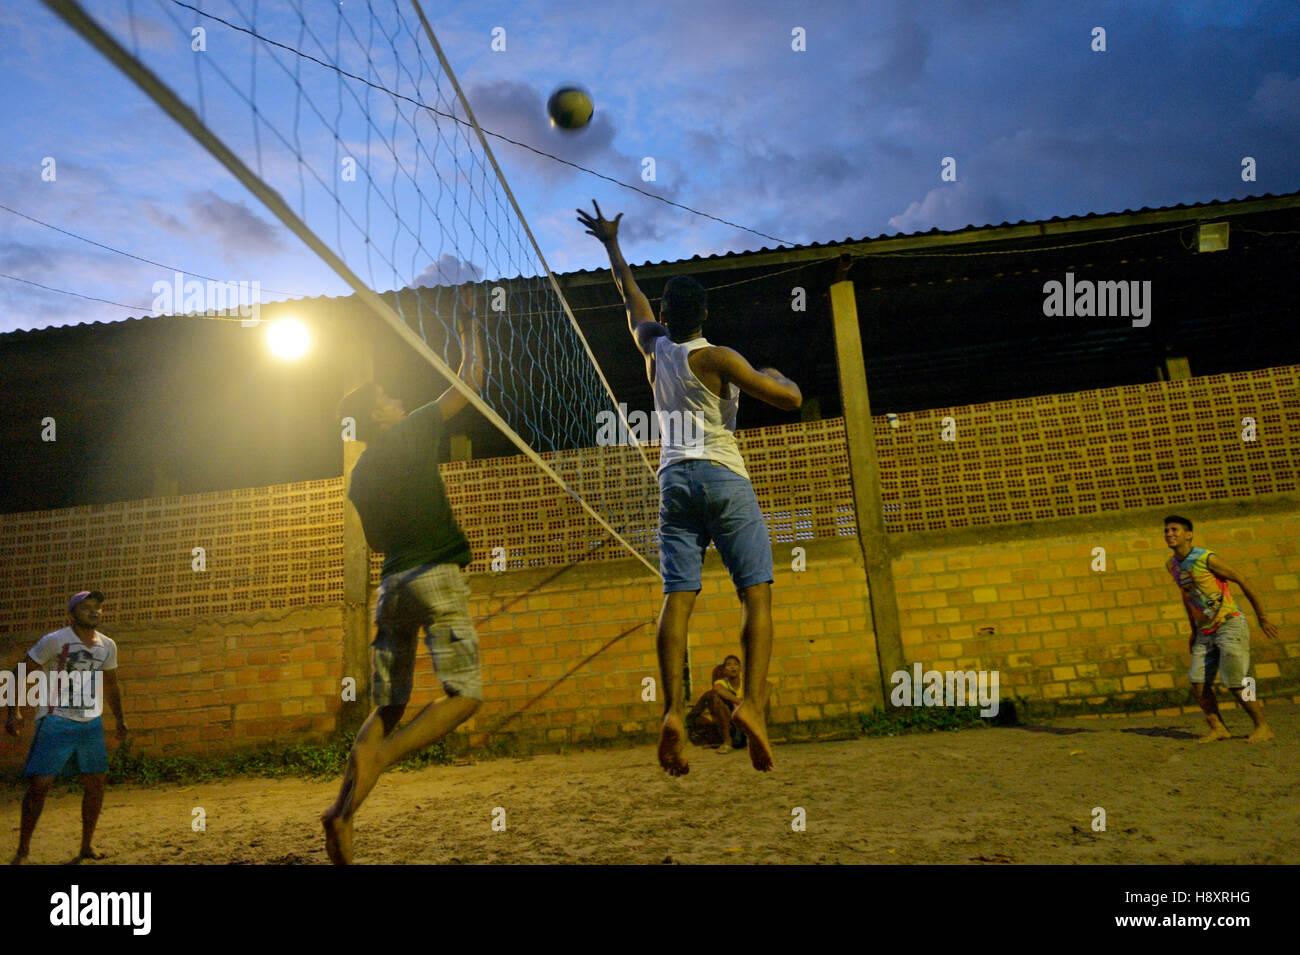 Junge Menschen spielen Volleyball, Abend, Trinta, Itaituba District, Pará, Brasilien Stockbild